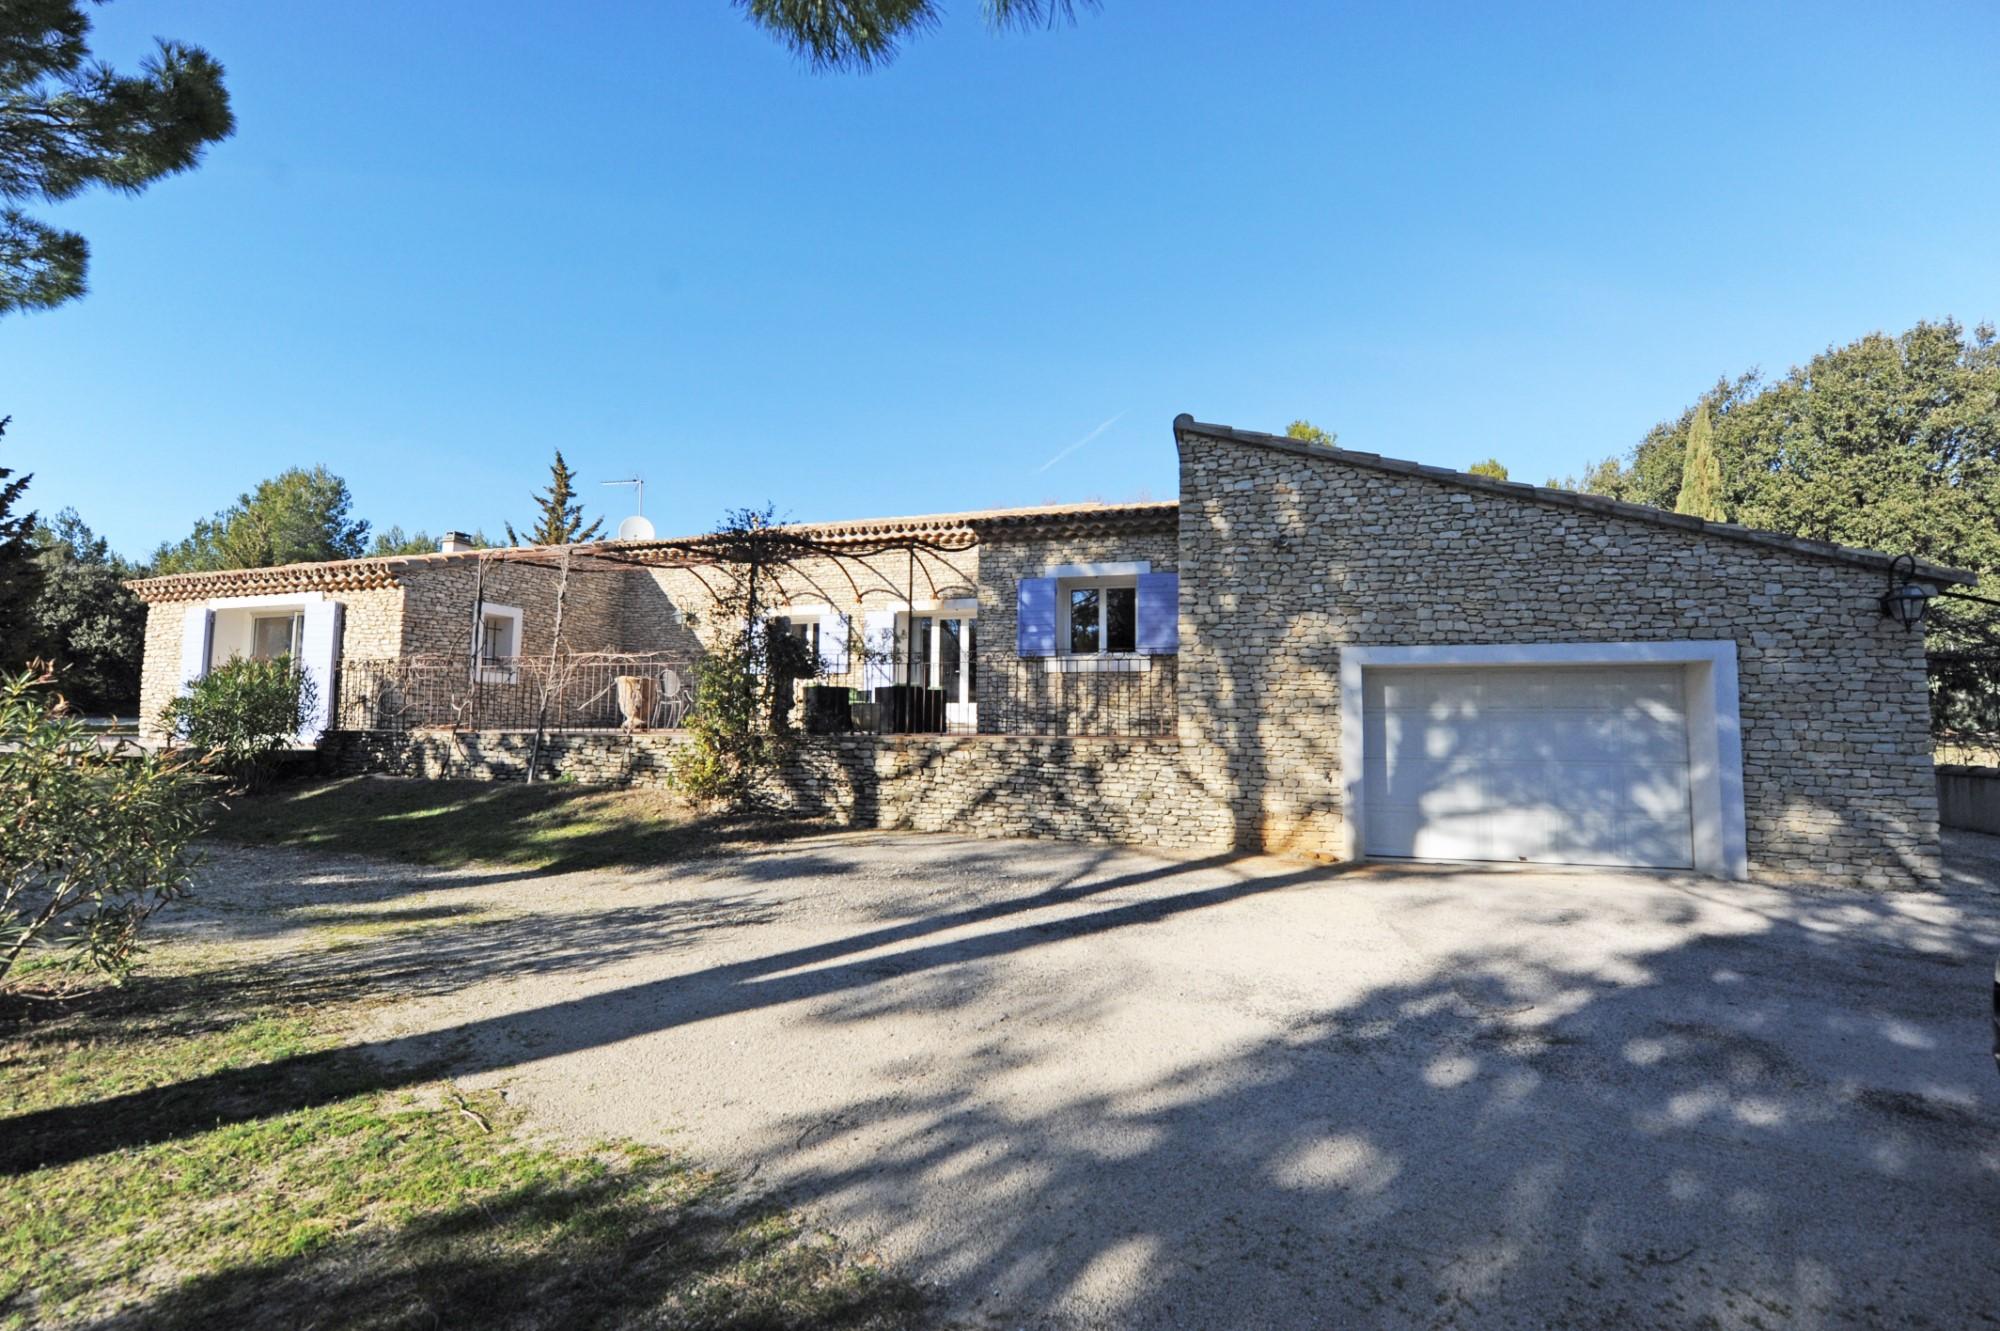 Maison avec atelier et piscine aux Pays de Sorgue